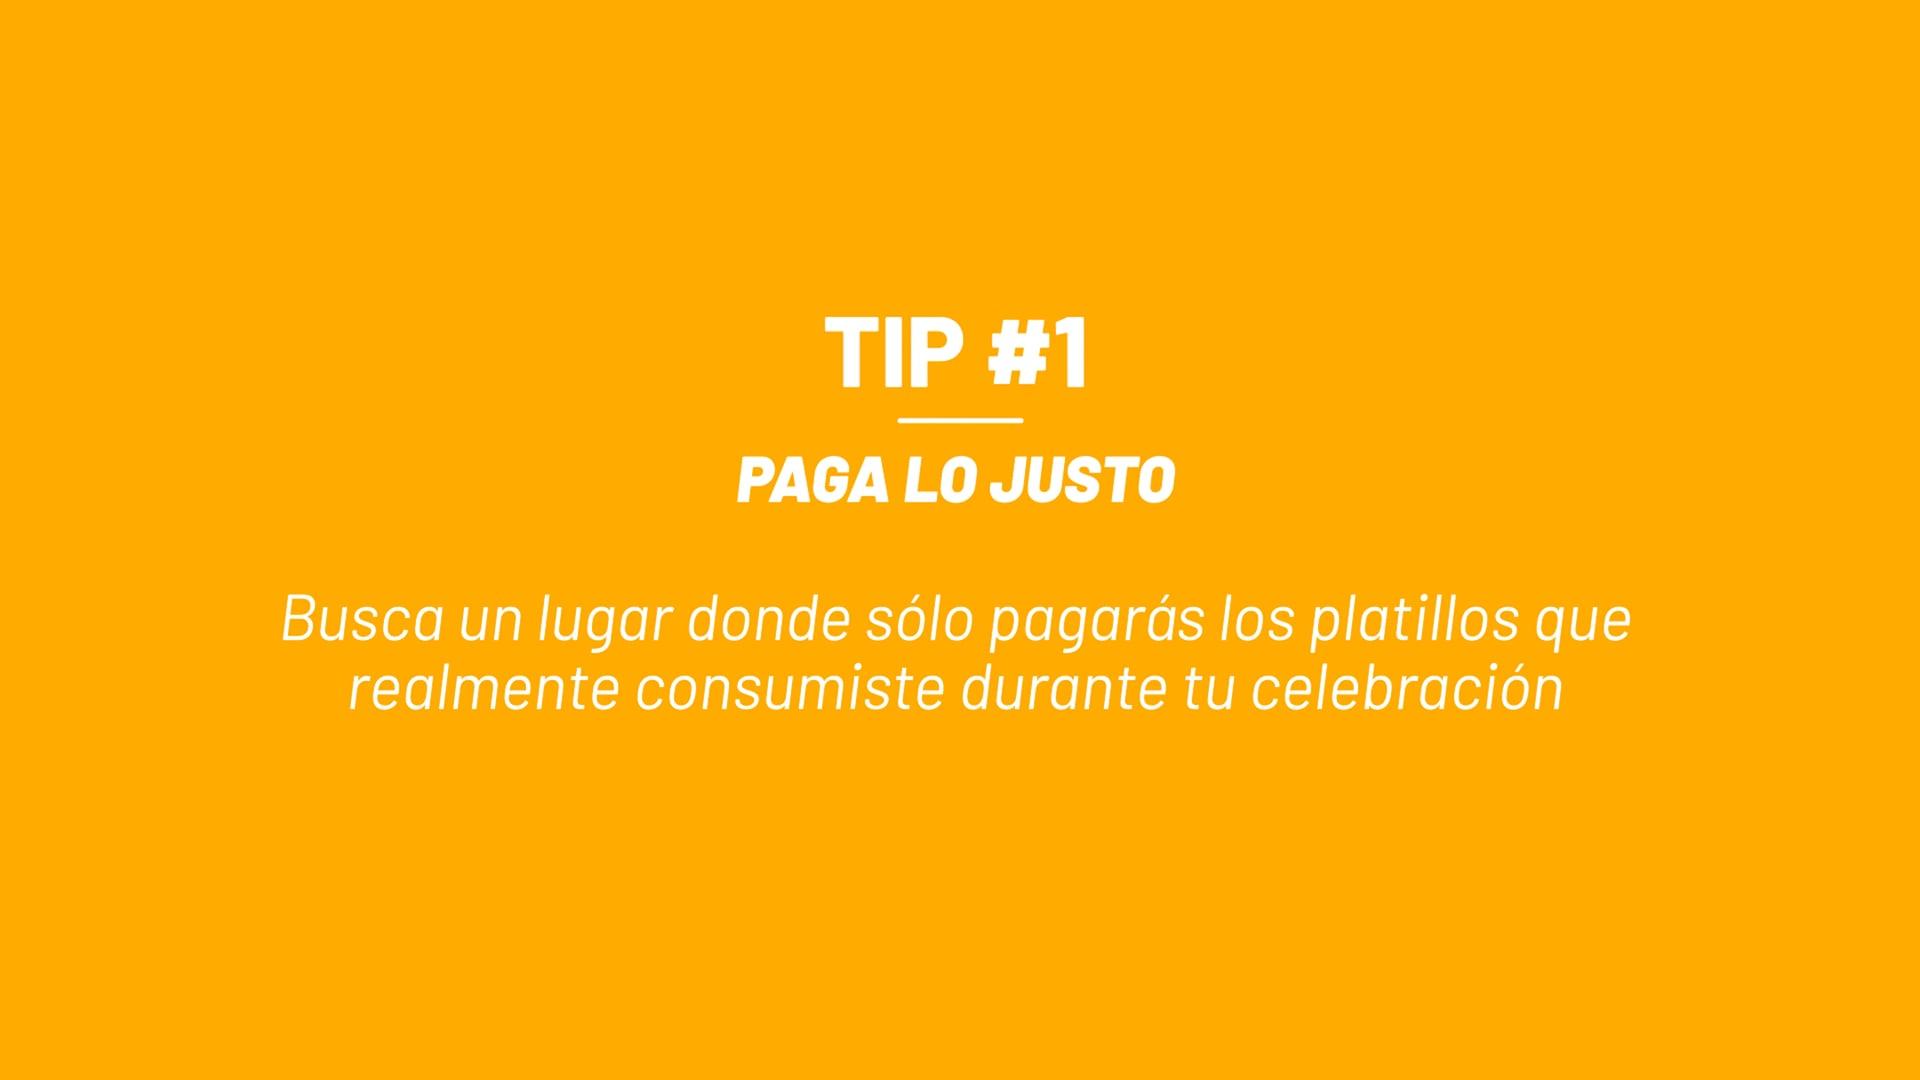 Tip #1 - Paga lo Justo